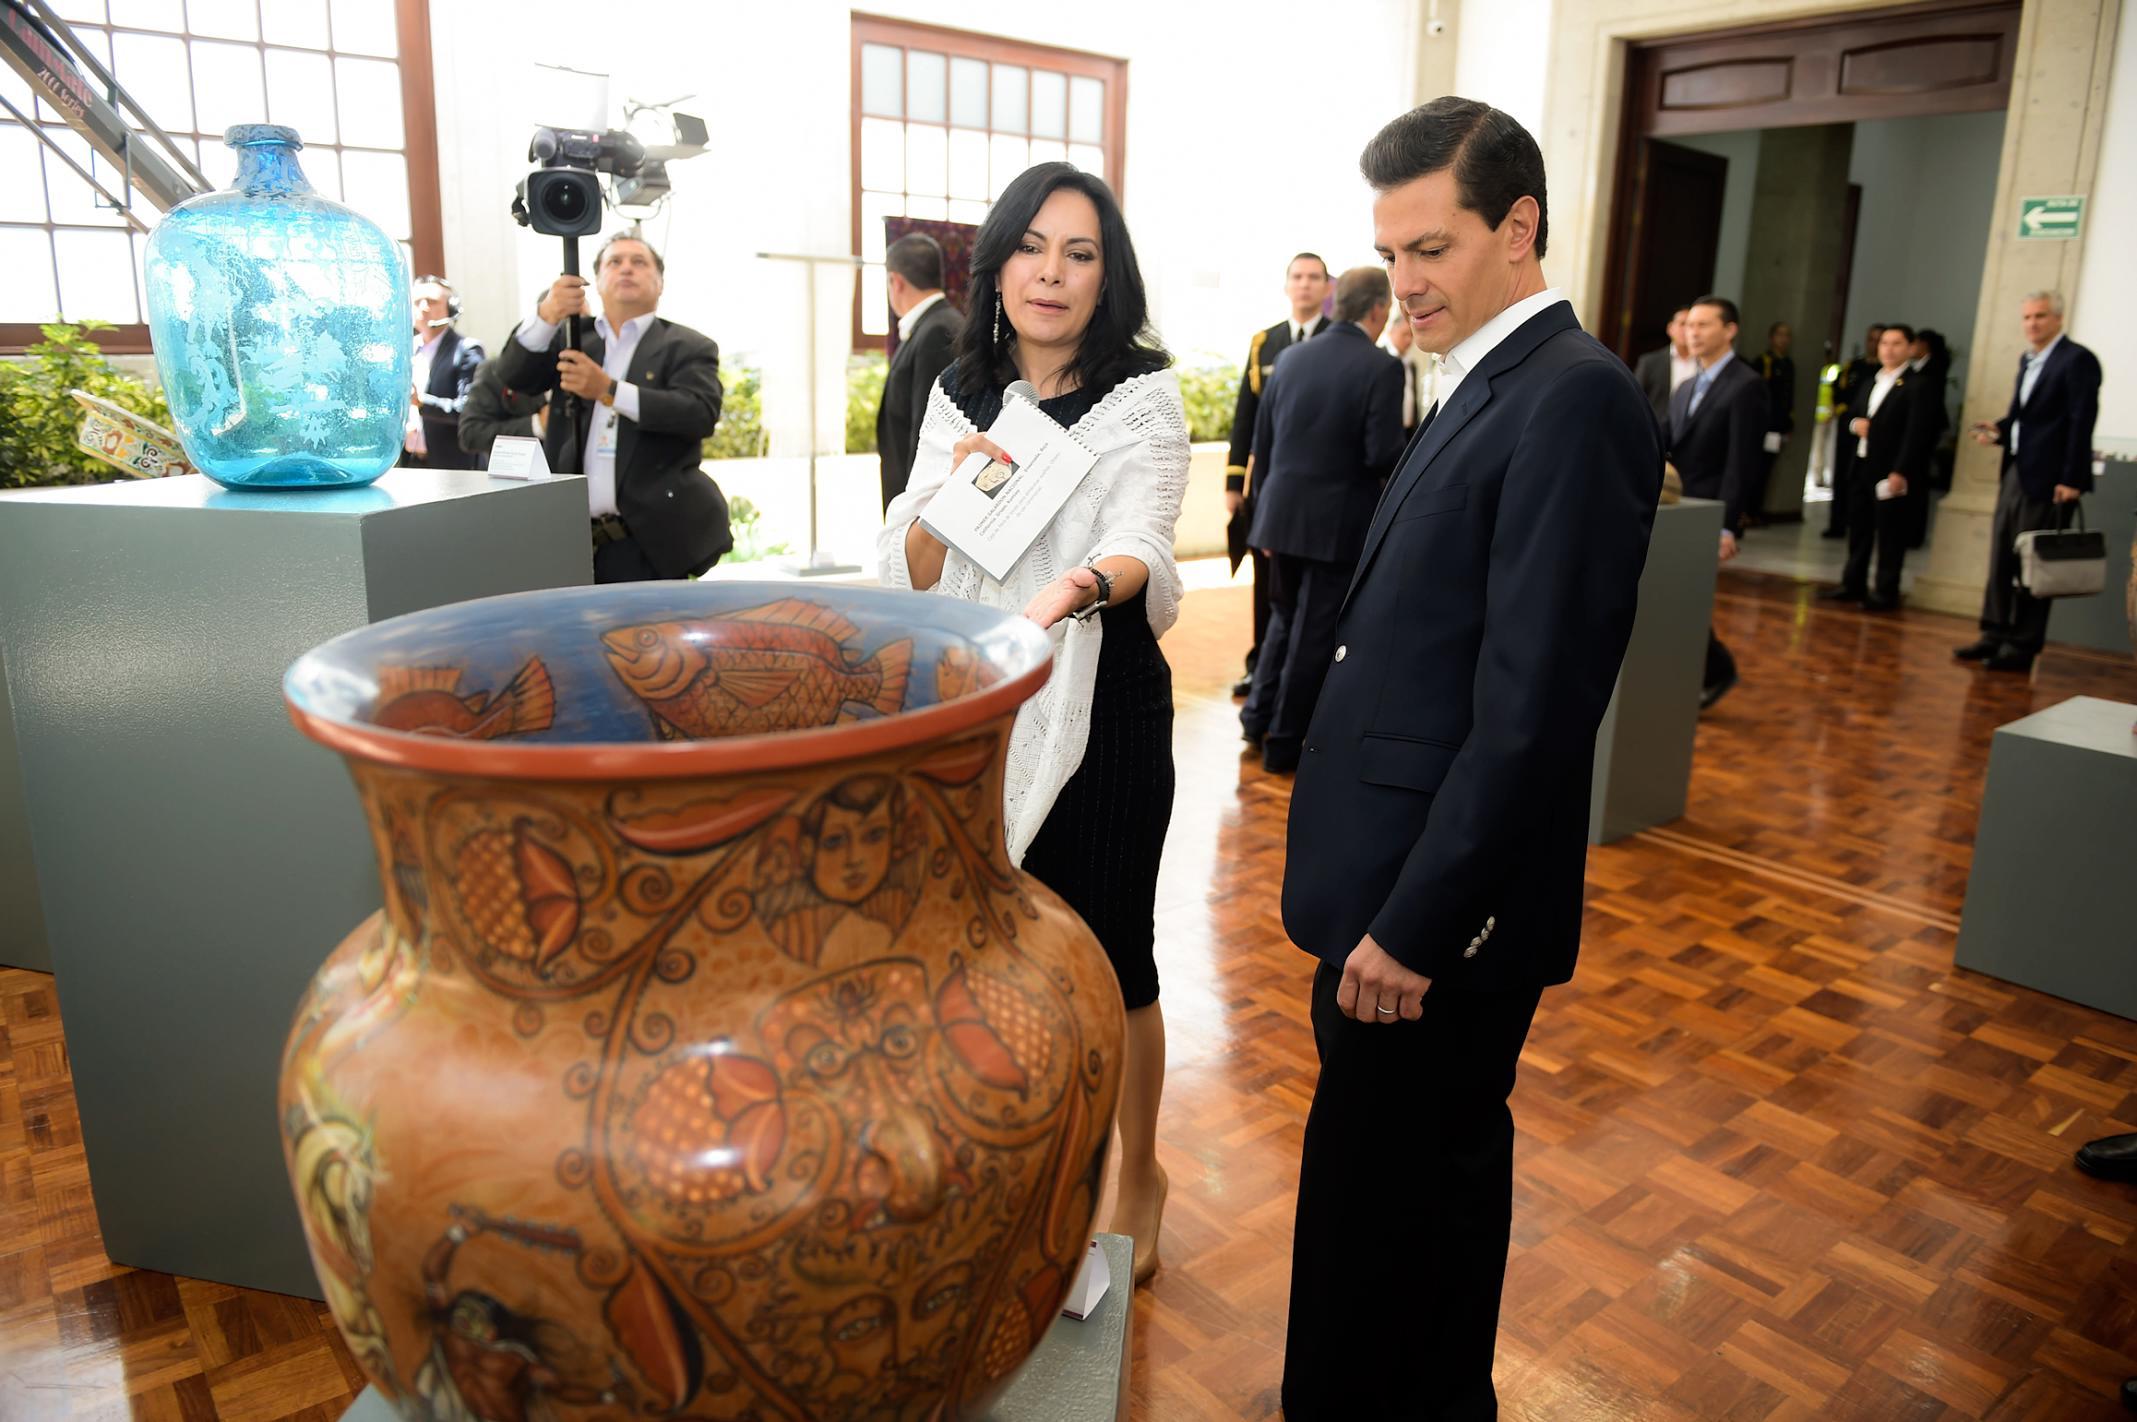 El Primer Mandatario recorre la exposición con algunas de las piezas ganadoras del Concurso Nacional de Arte Popular.